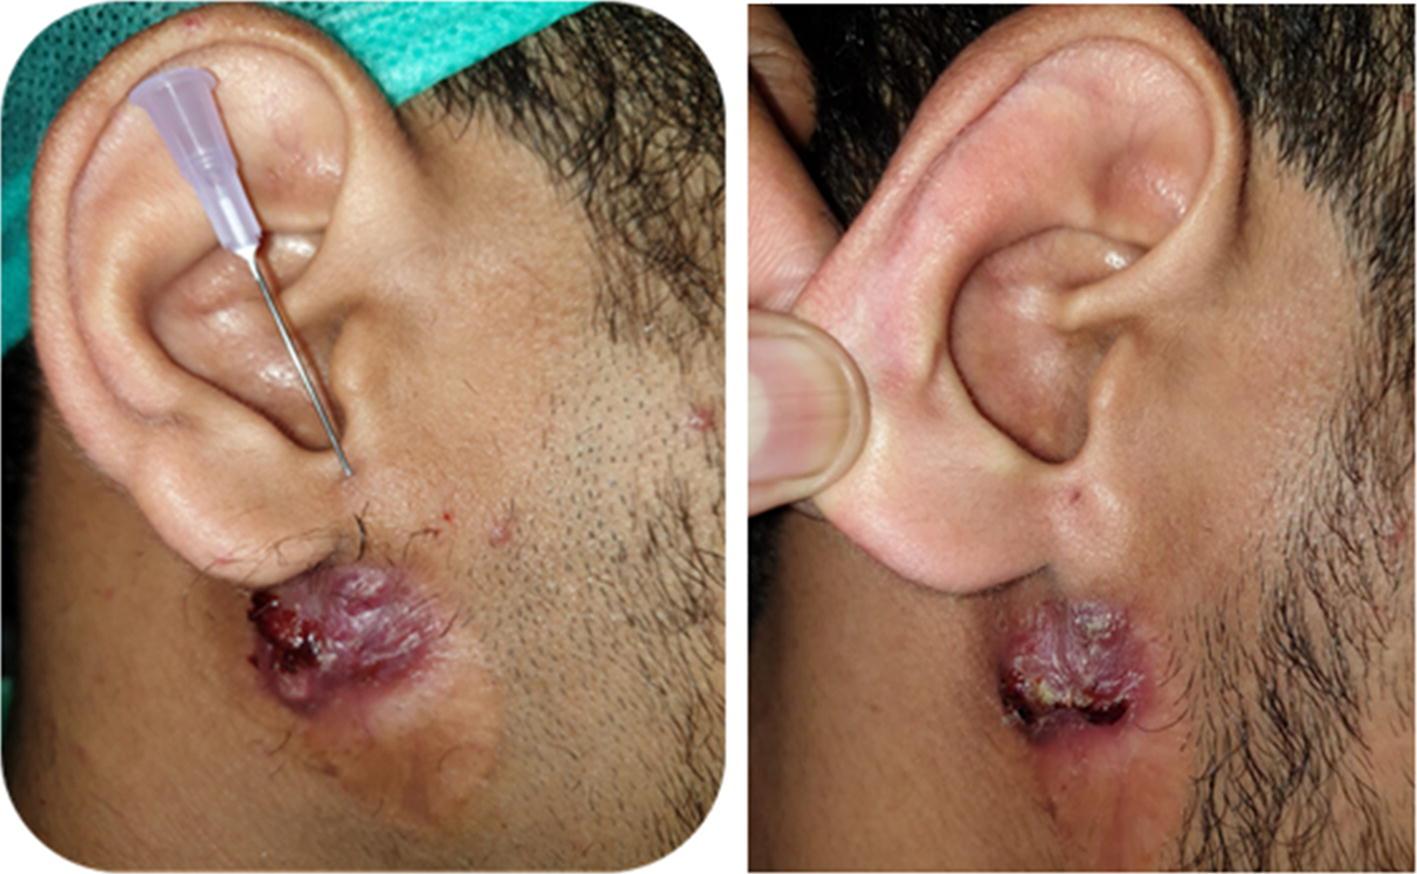 Infra-auricular Sinus: A Very Rare Case Presentation